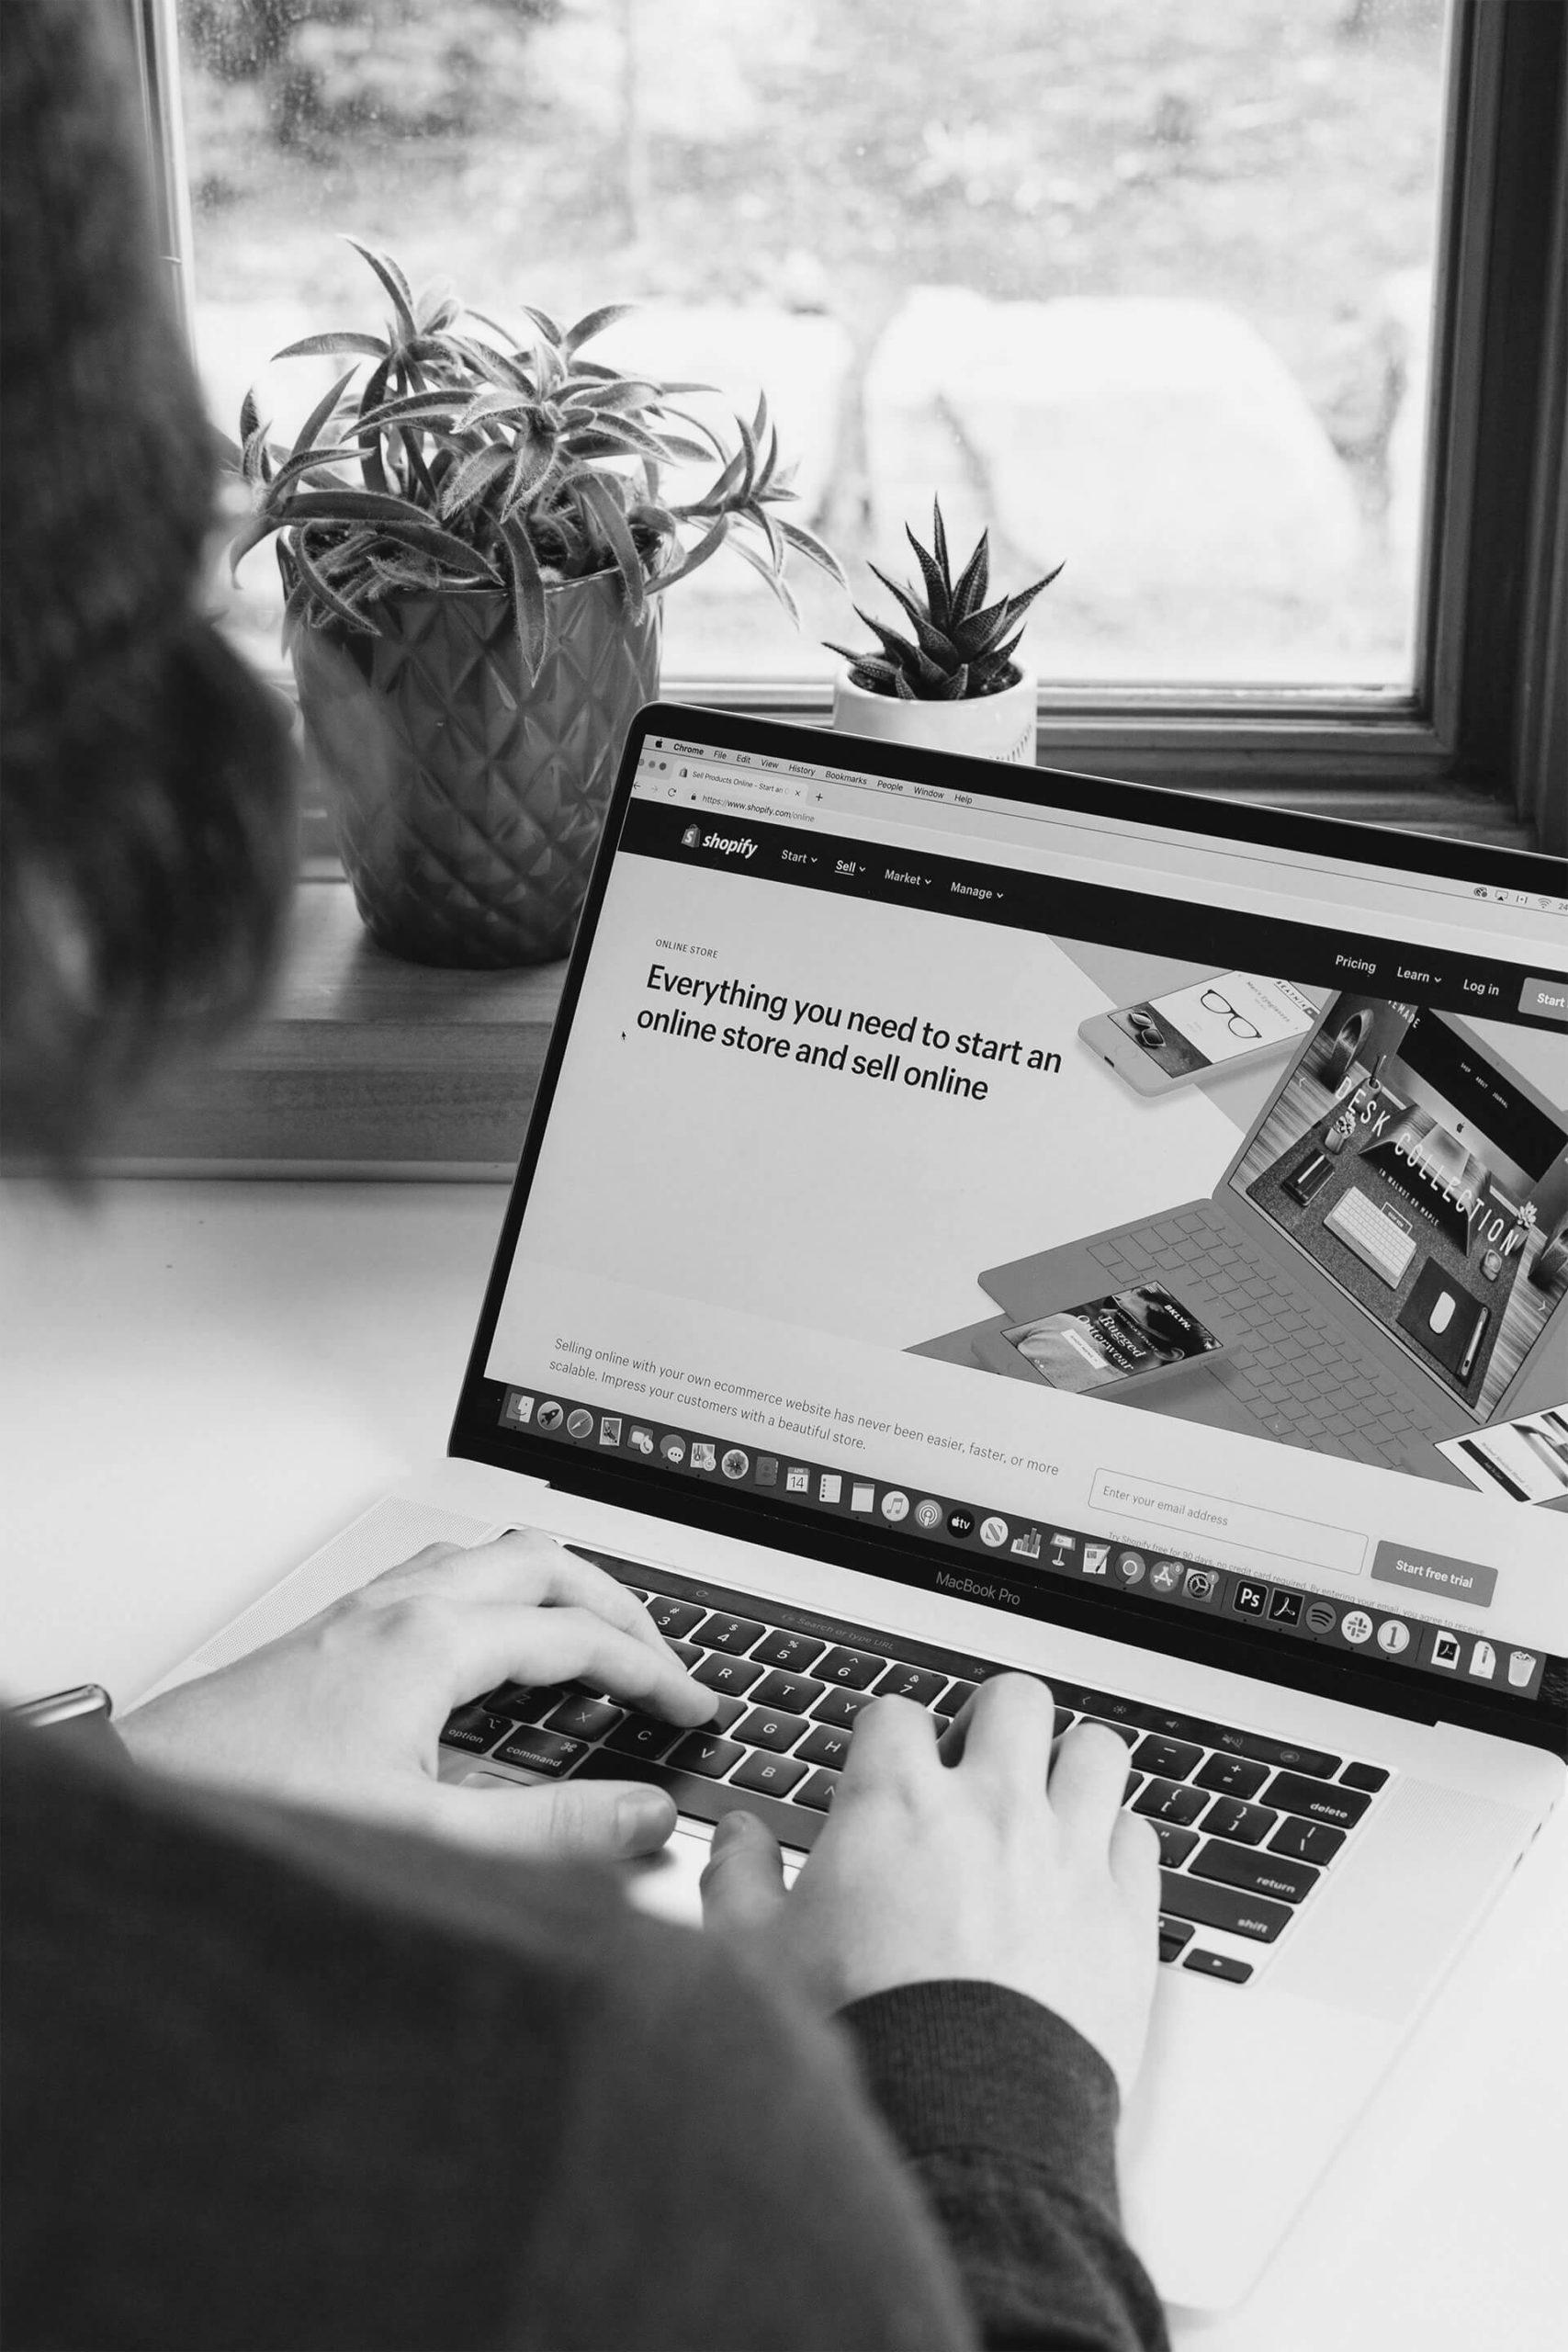 Webinaire E-commerce: table ronde – Evènement organisé par Amarris Direct.be – 2 février 2021 à 16h